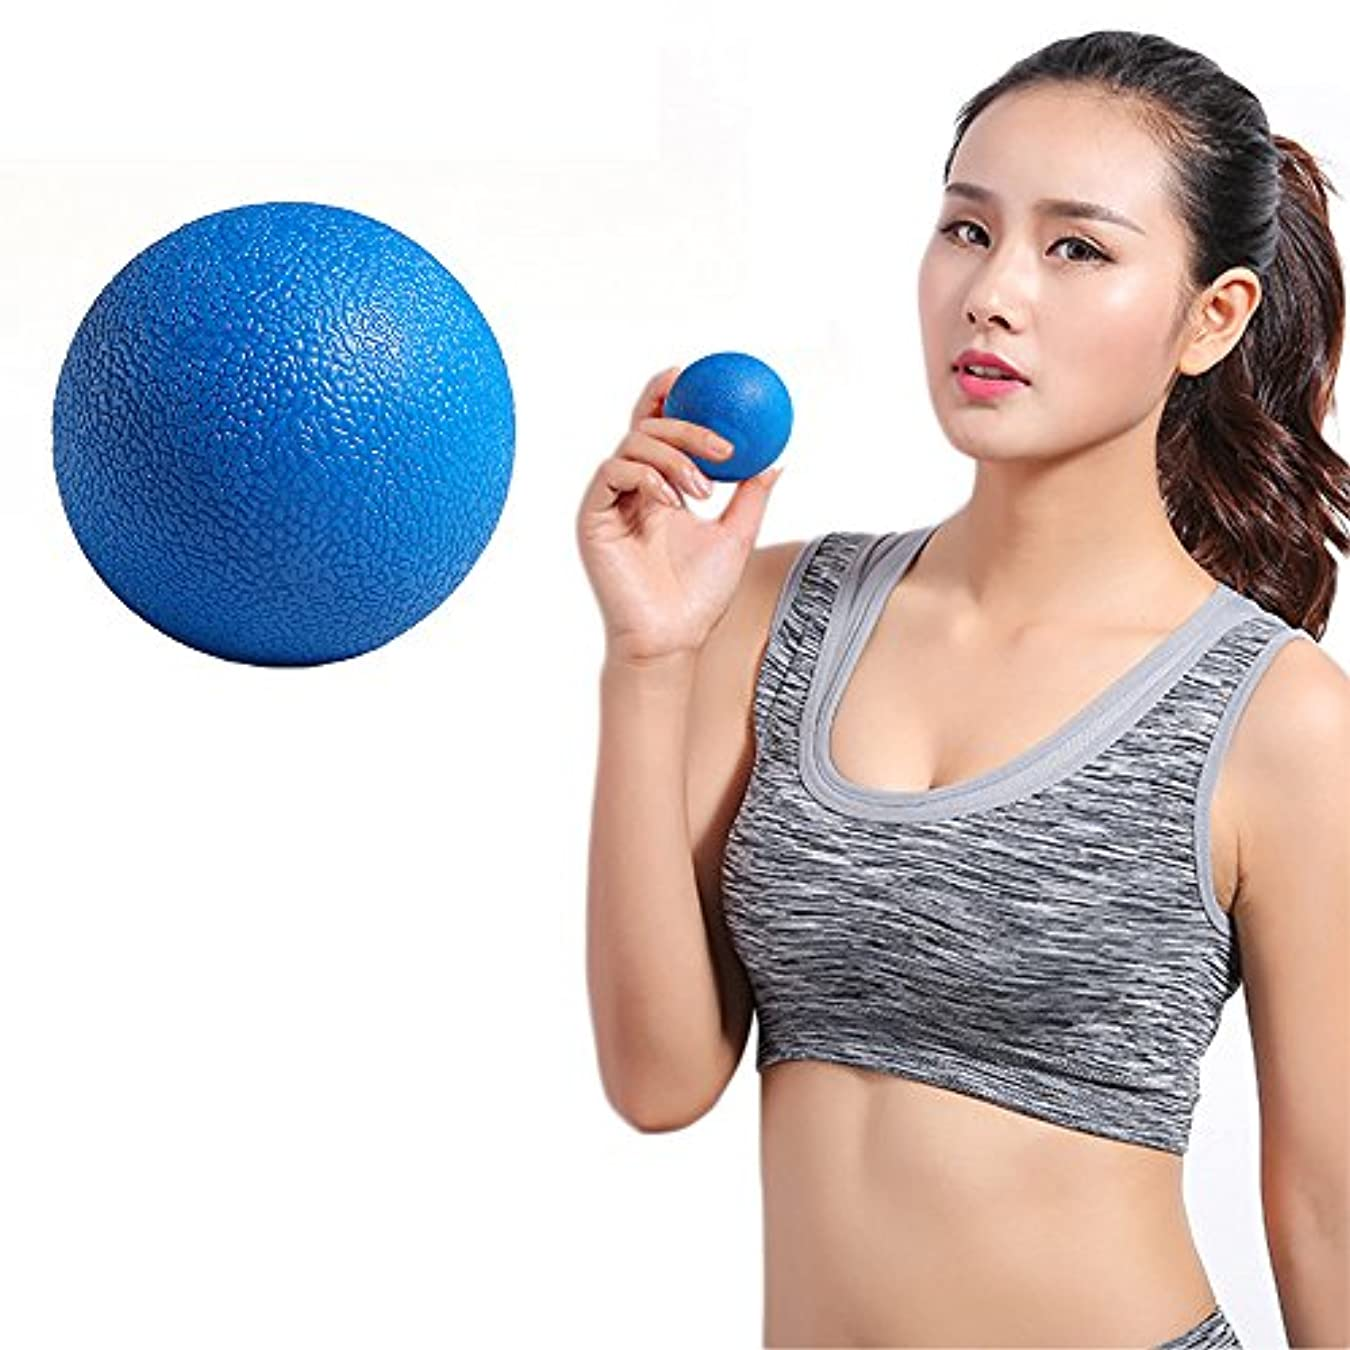 メニュー新しい意味日光Zafina マッサージボール トリガーポイント ストレッチボール 筋膜球 筋膜リリース 指圧ボール 首から足裏まで全身に使える 血液循環 エクササイズグッズ 1個入り